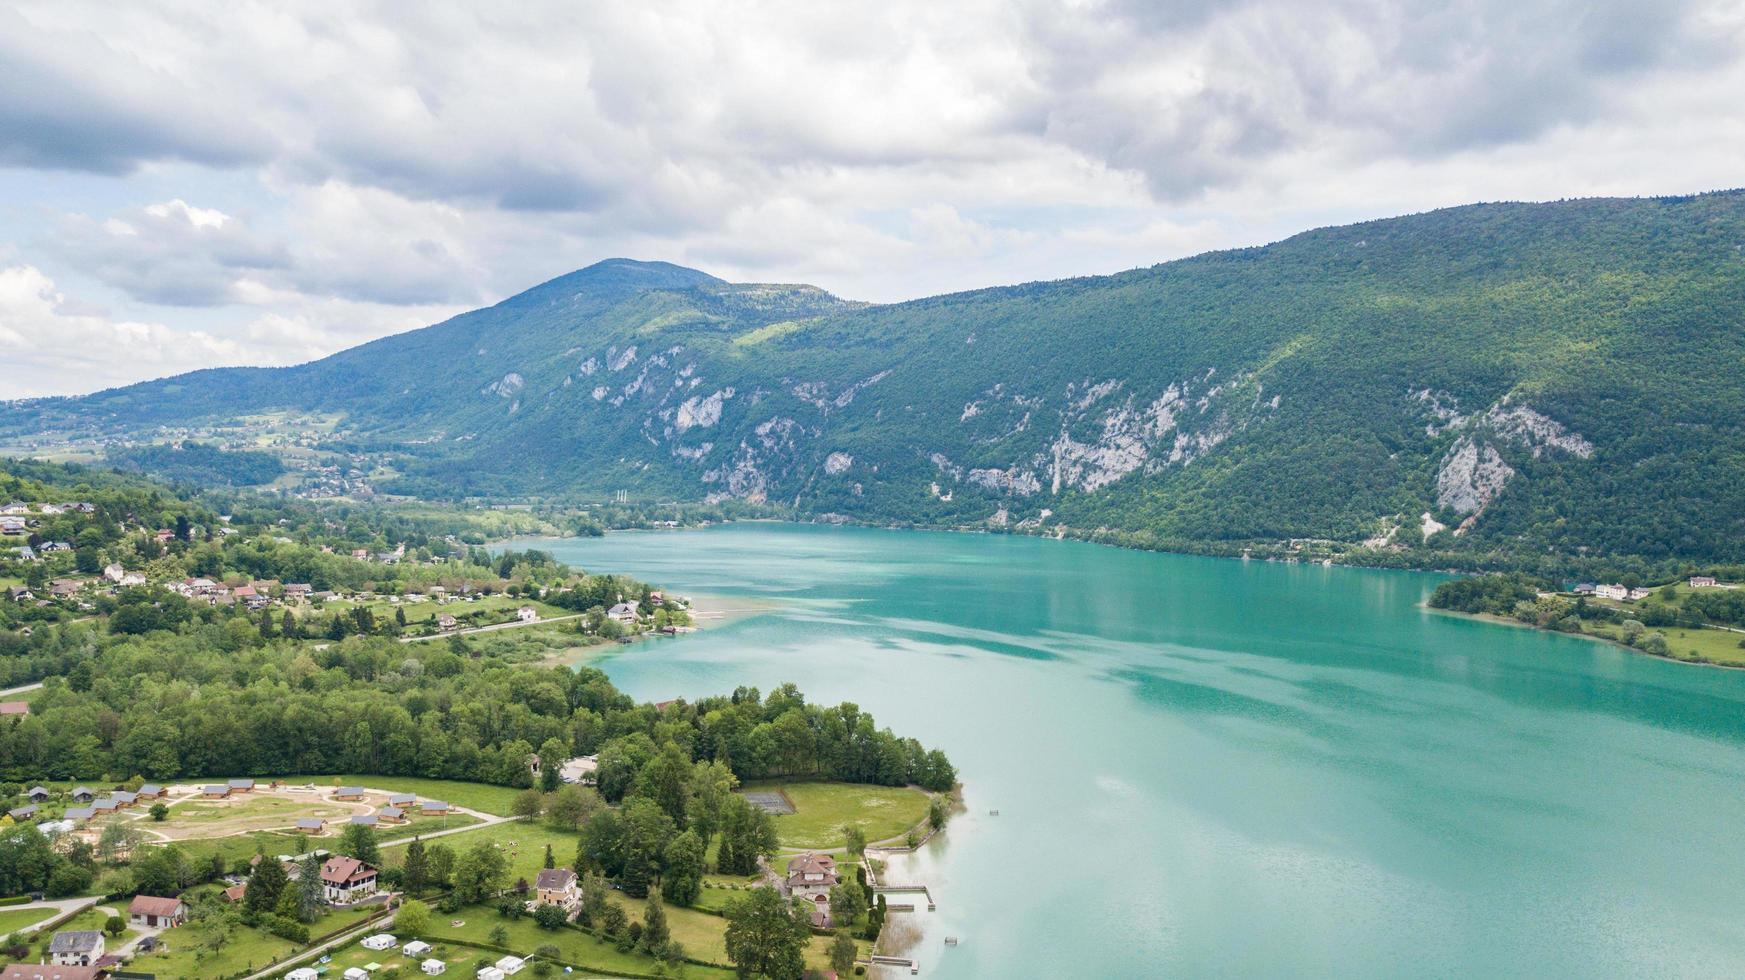 Vue sur le paysage marin du lac Aiguebelette en Savoie, France photo